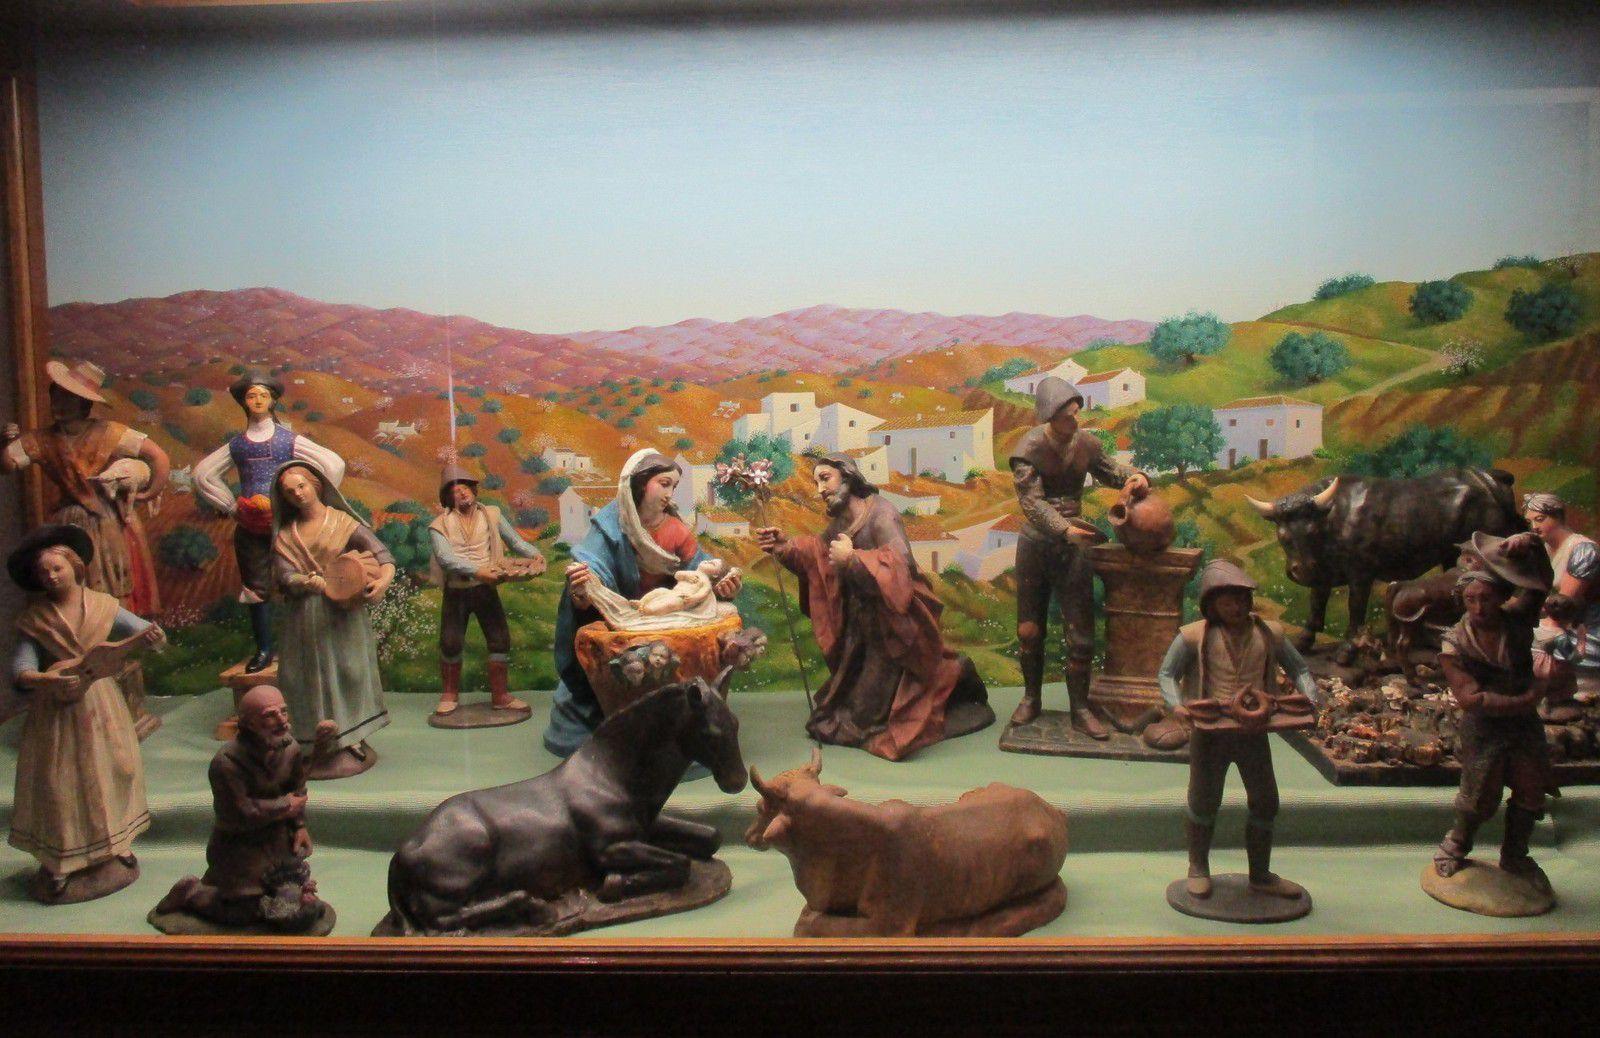 Màlaga - Le Musée des Arts et Traditions populaires